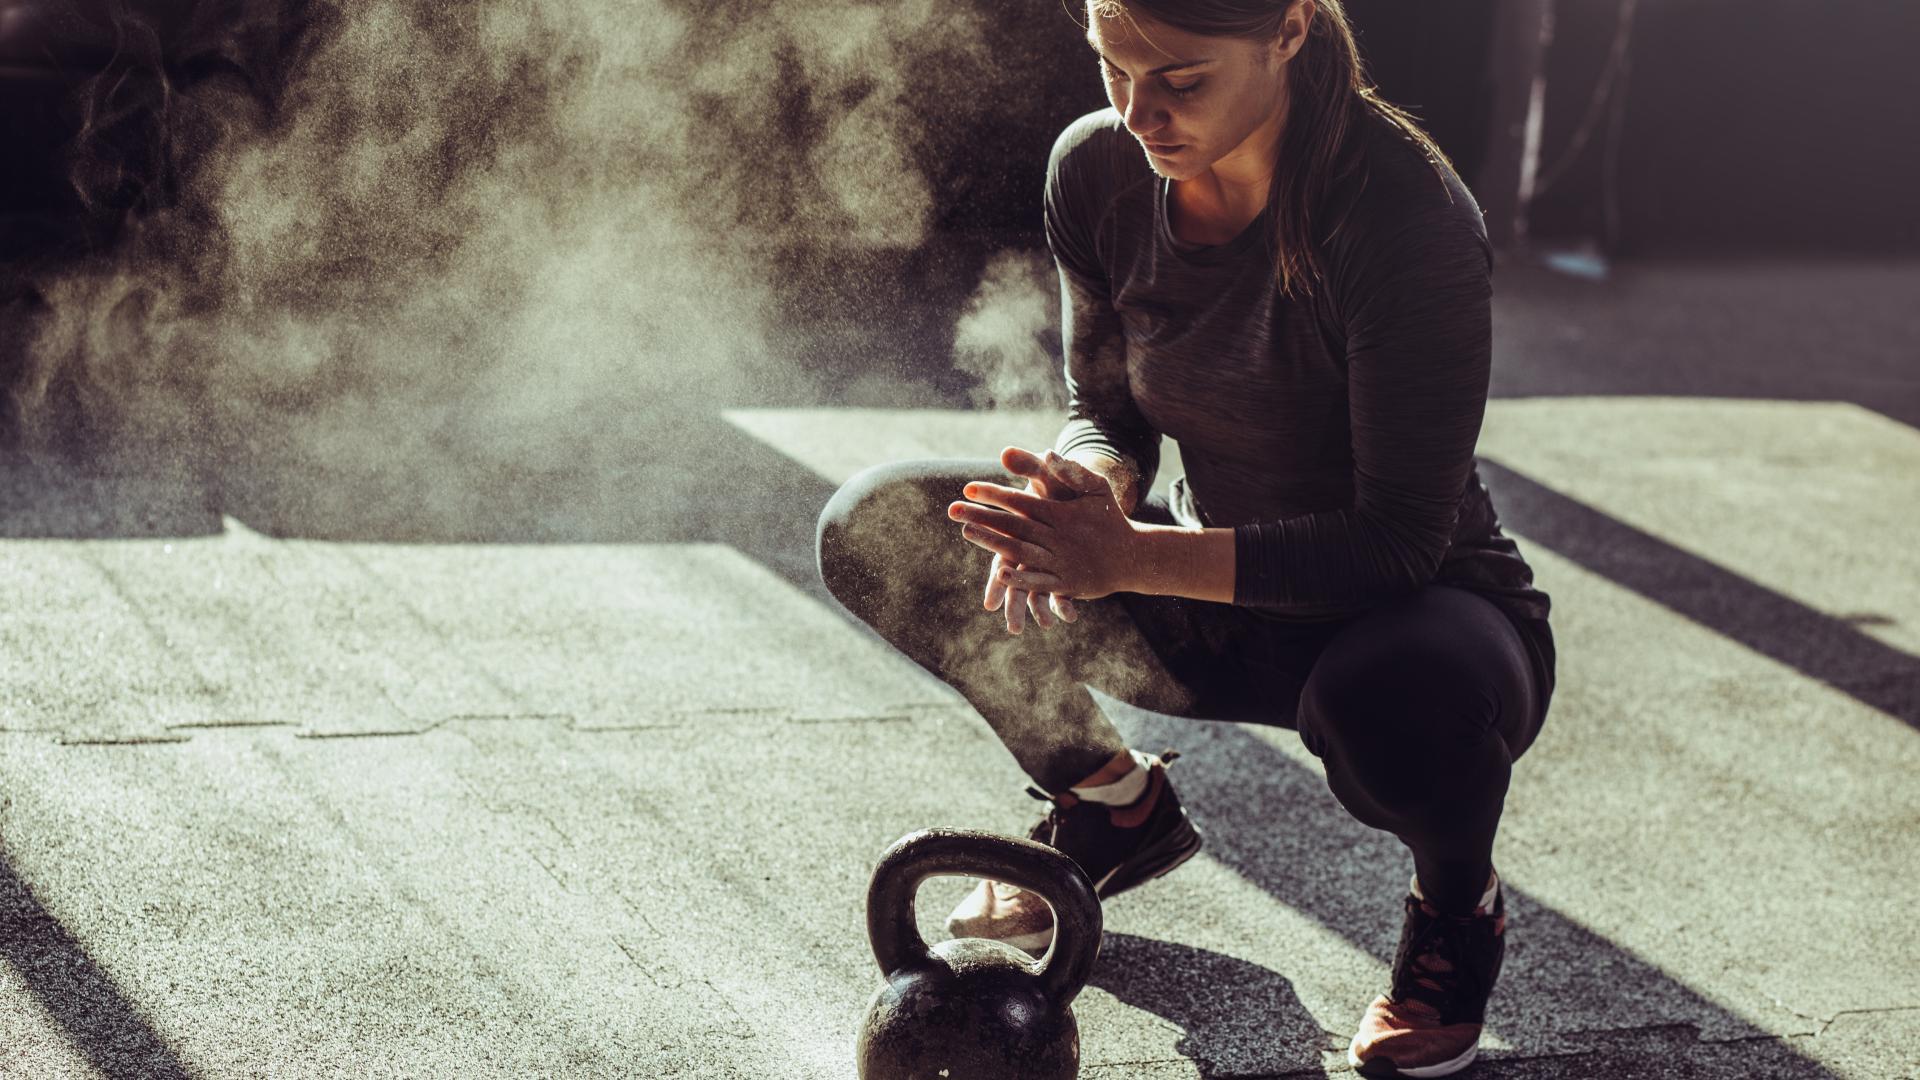 Junge fitte Frau trainiert mit einem Kettleball